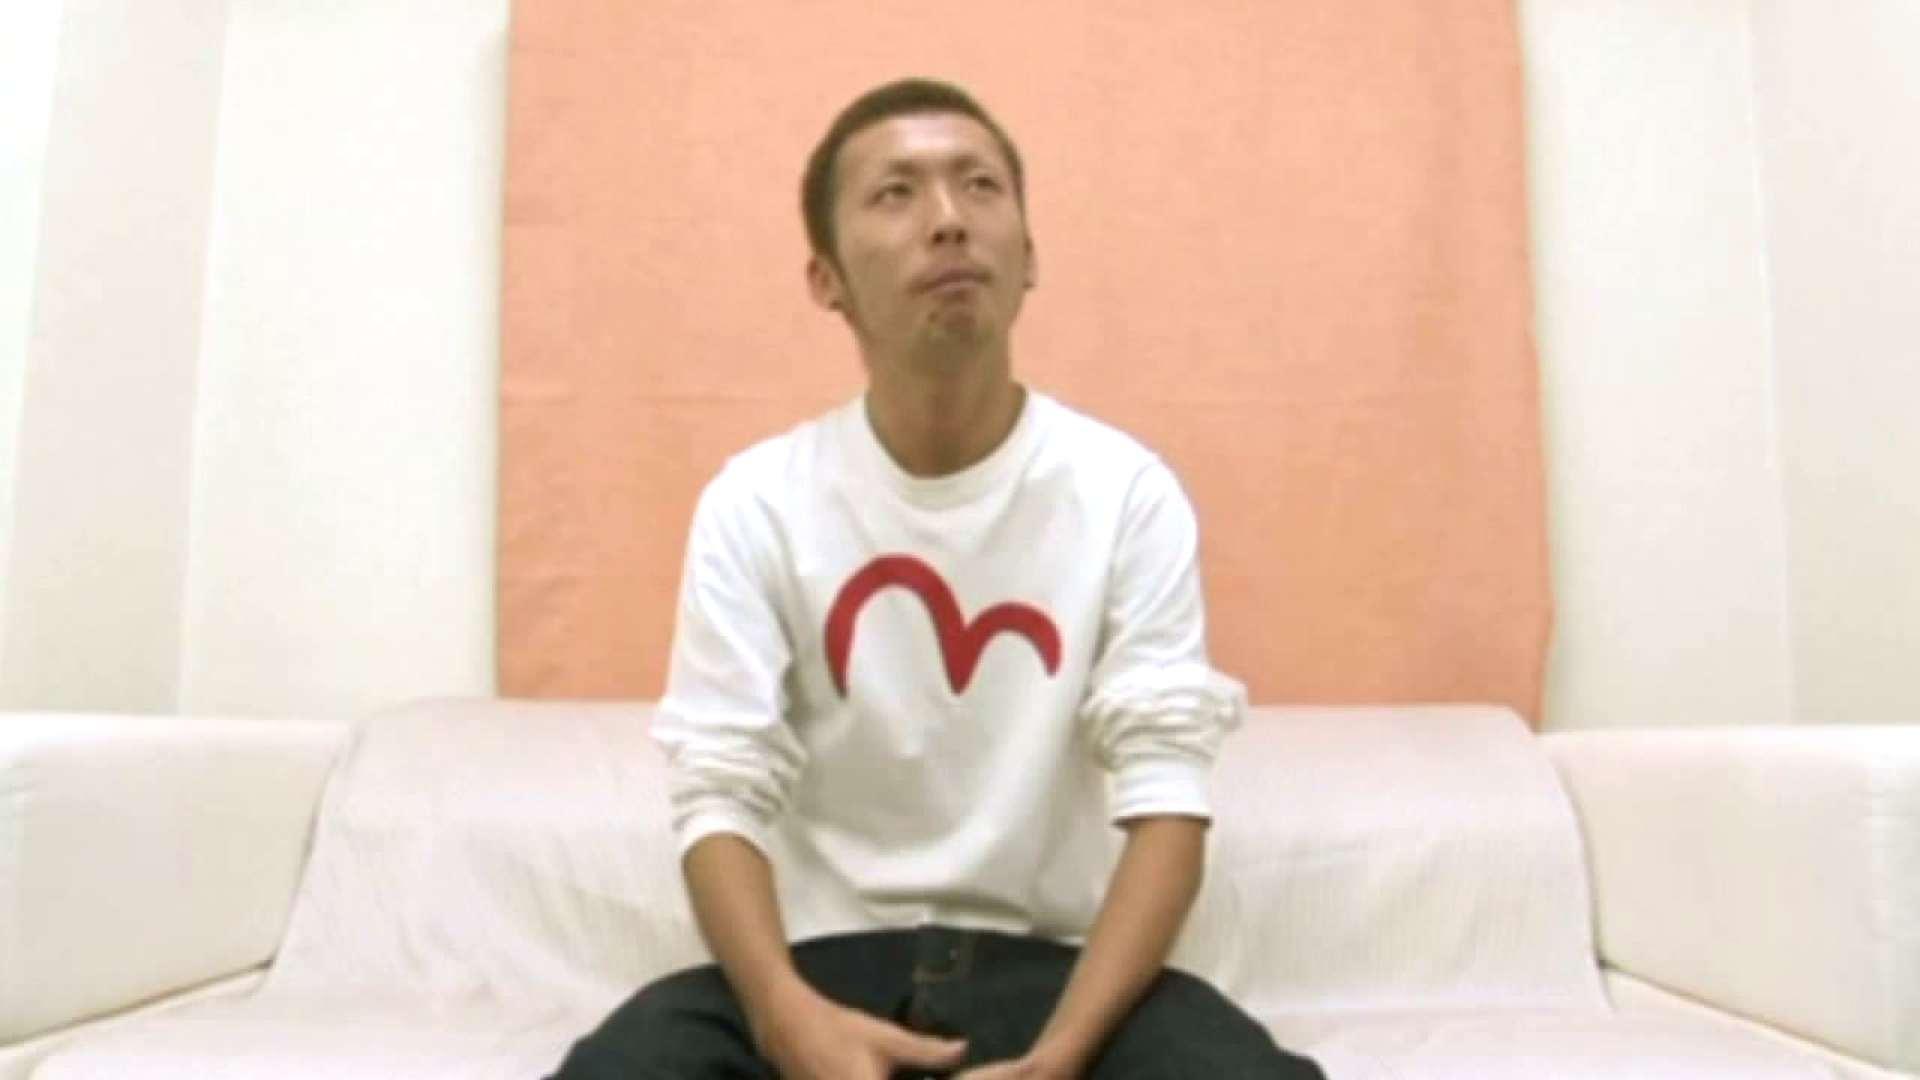 ノンケ!自慰スタジオ No.11 男の裸 | 茶髪 ゲイザーメン画像 78pic 1